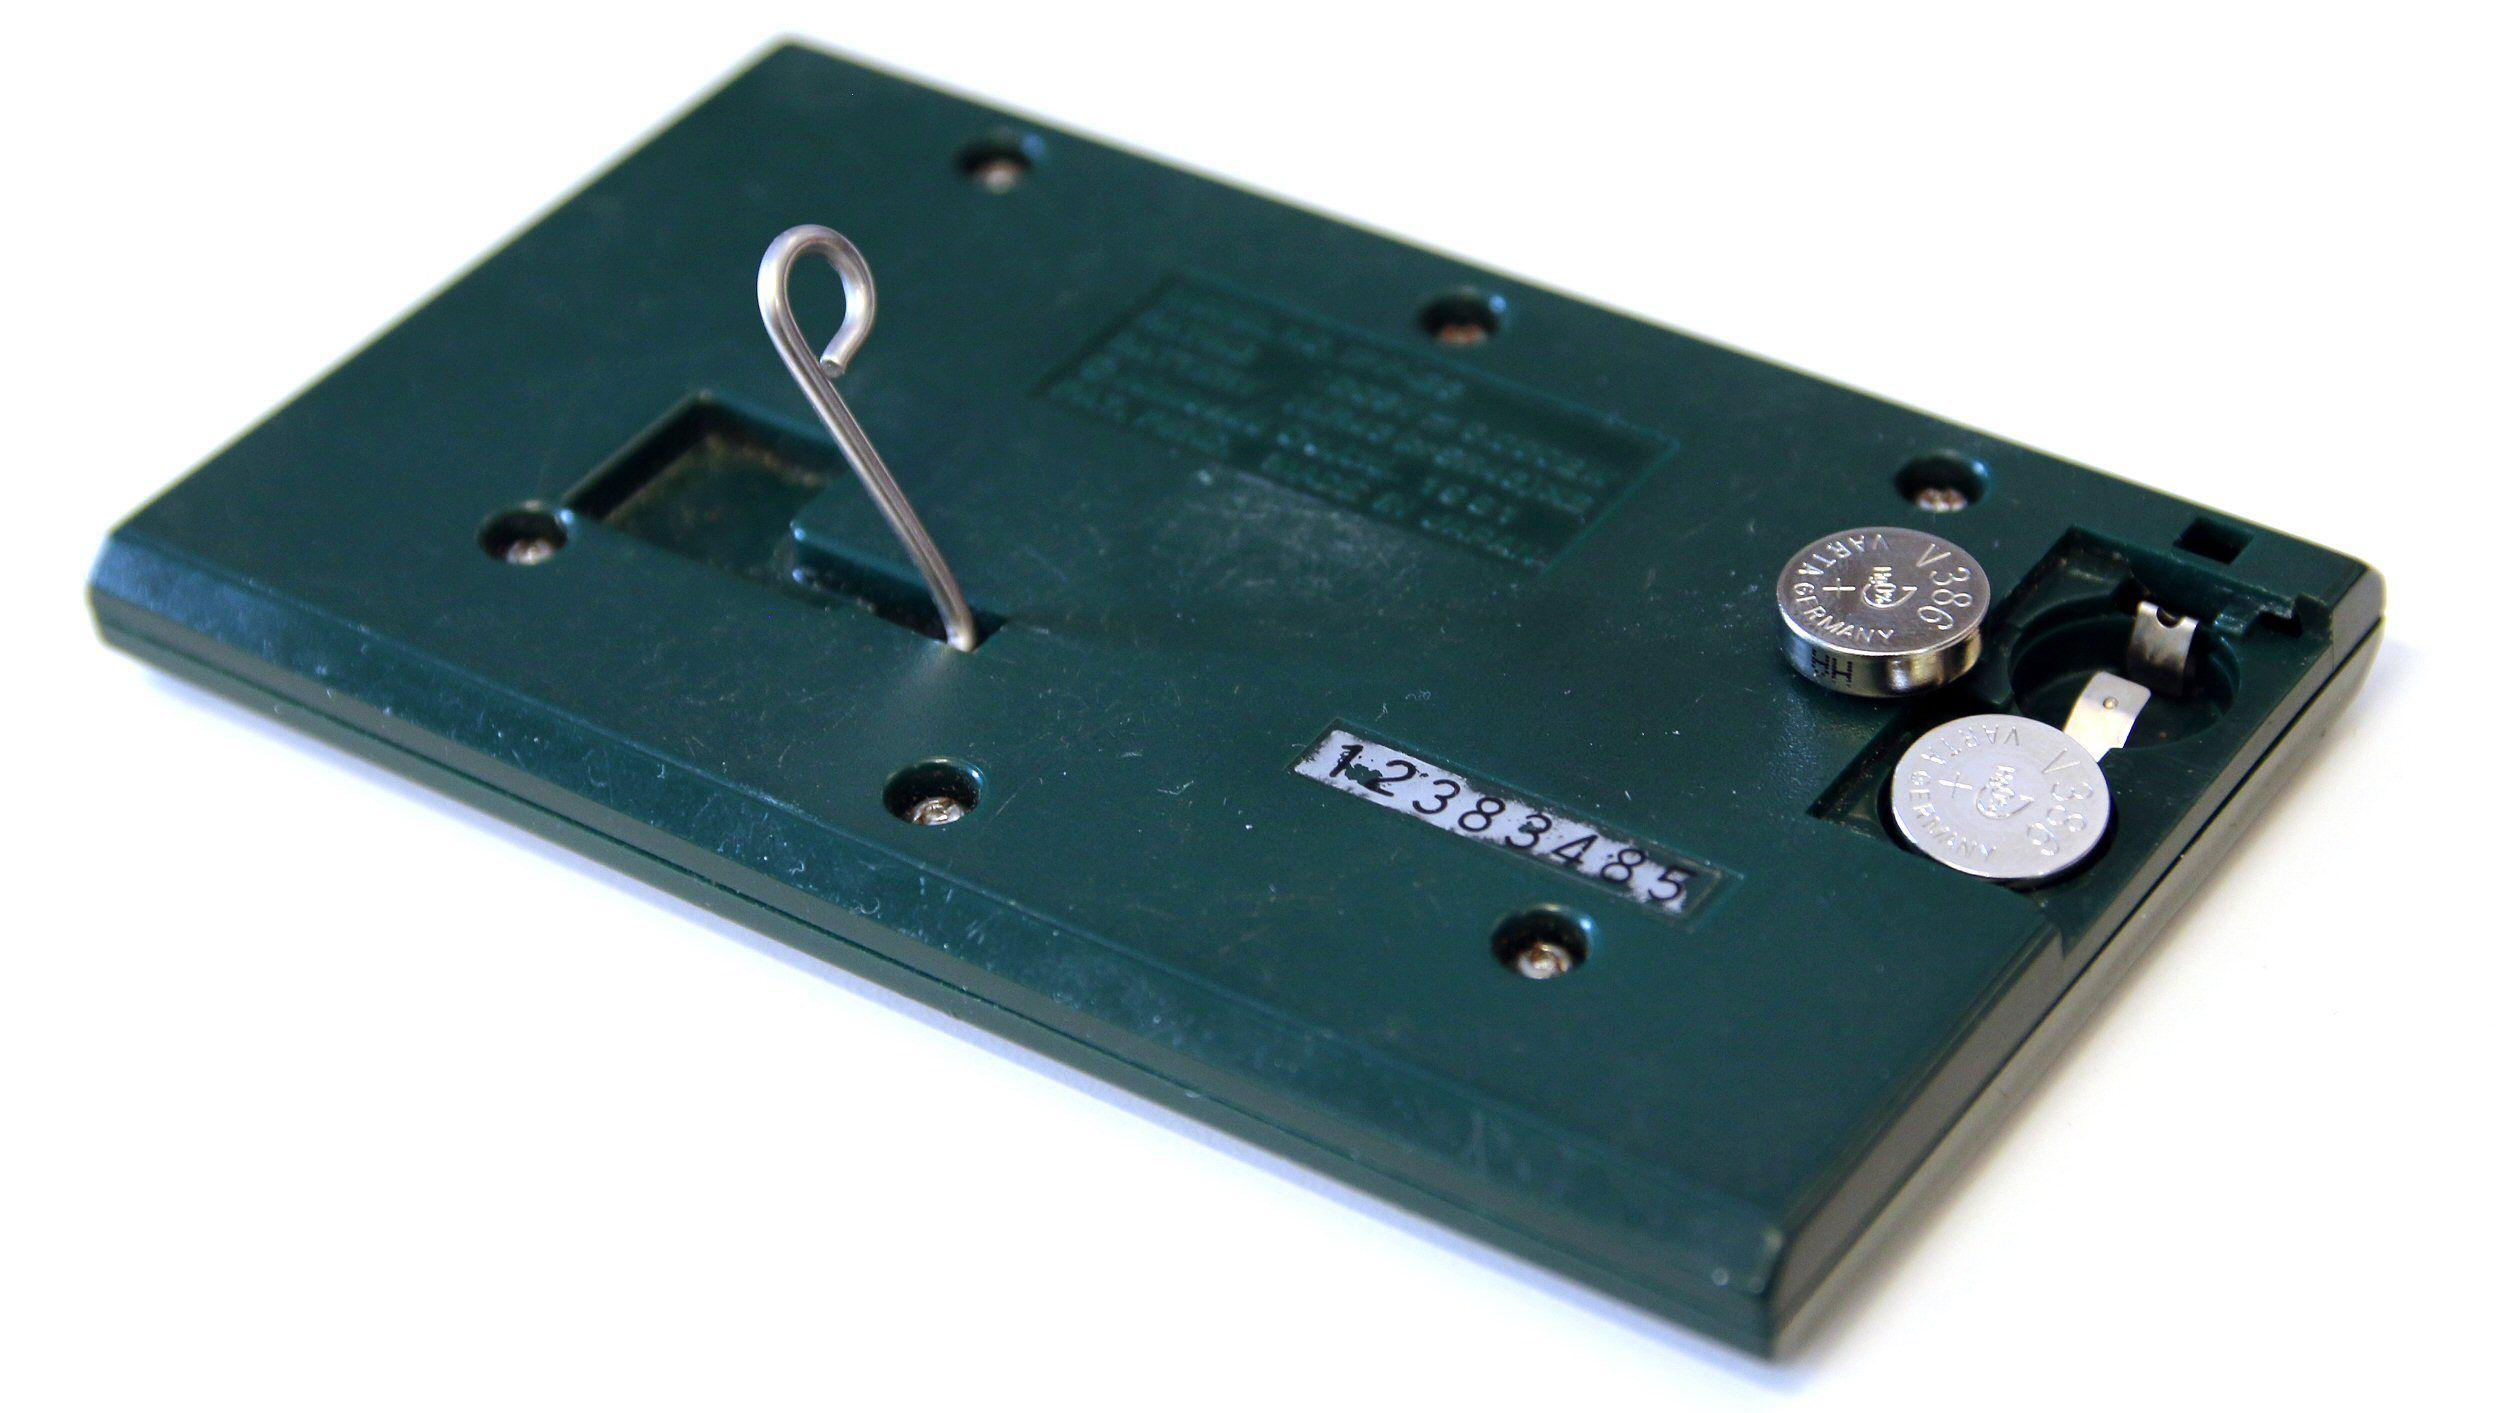 De vanlige spillene hadde støtteben som gjorde den til en dekorativ klokke. Alarm hadde den også. Batteriene var av samme type som ble brukt i blant annet kalkulatorer. Foto: Vegar Jansen, Tek.no